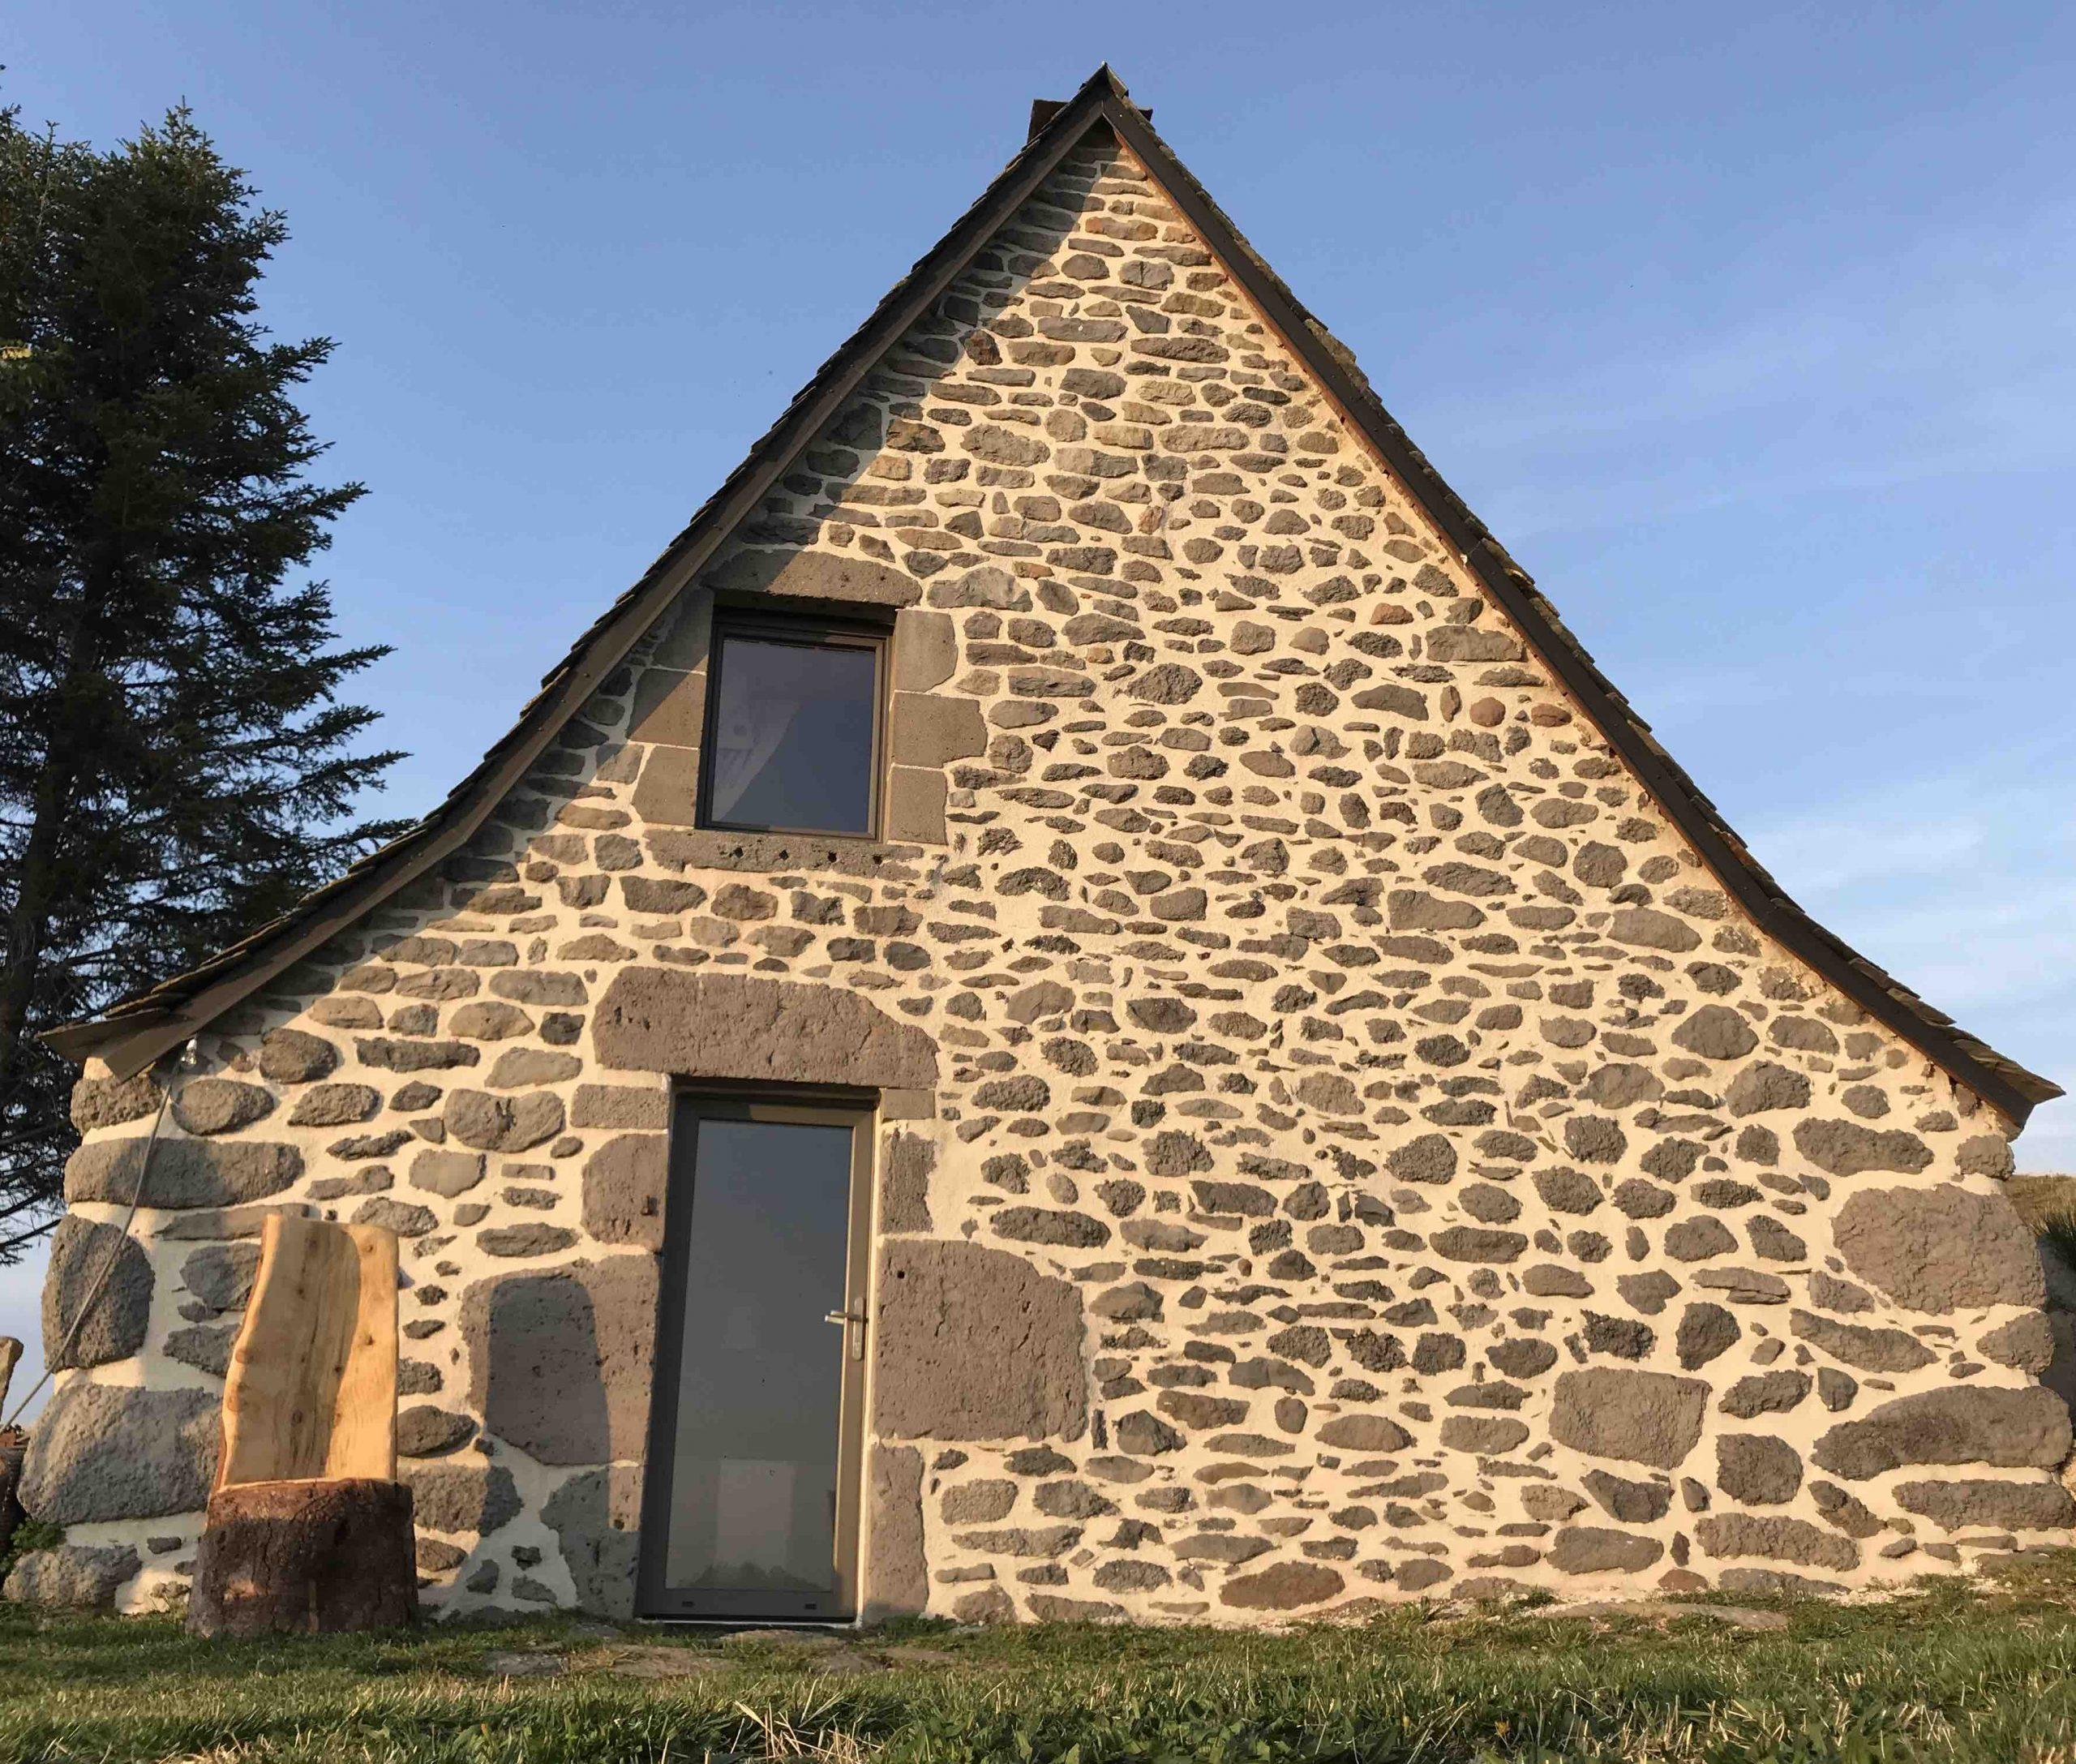 Buron Au Coeur De L'Aubrac - Laguiole - Häuser Zur Miete In tout Buron Les Terres Rouges